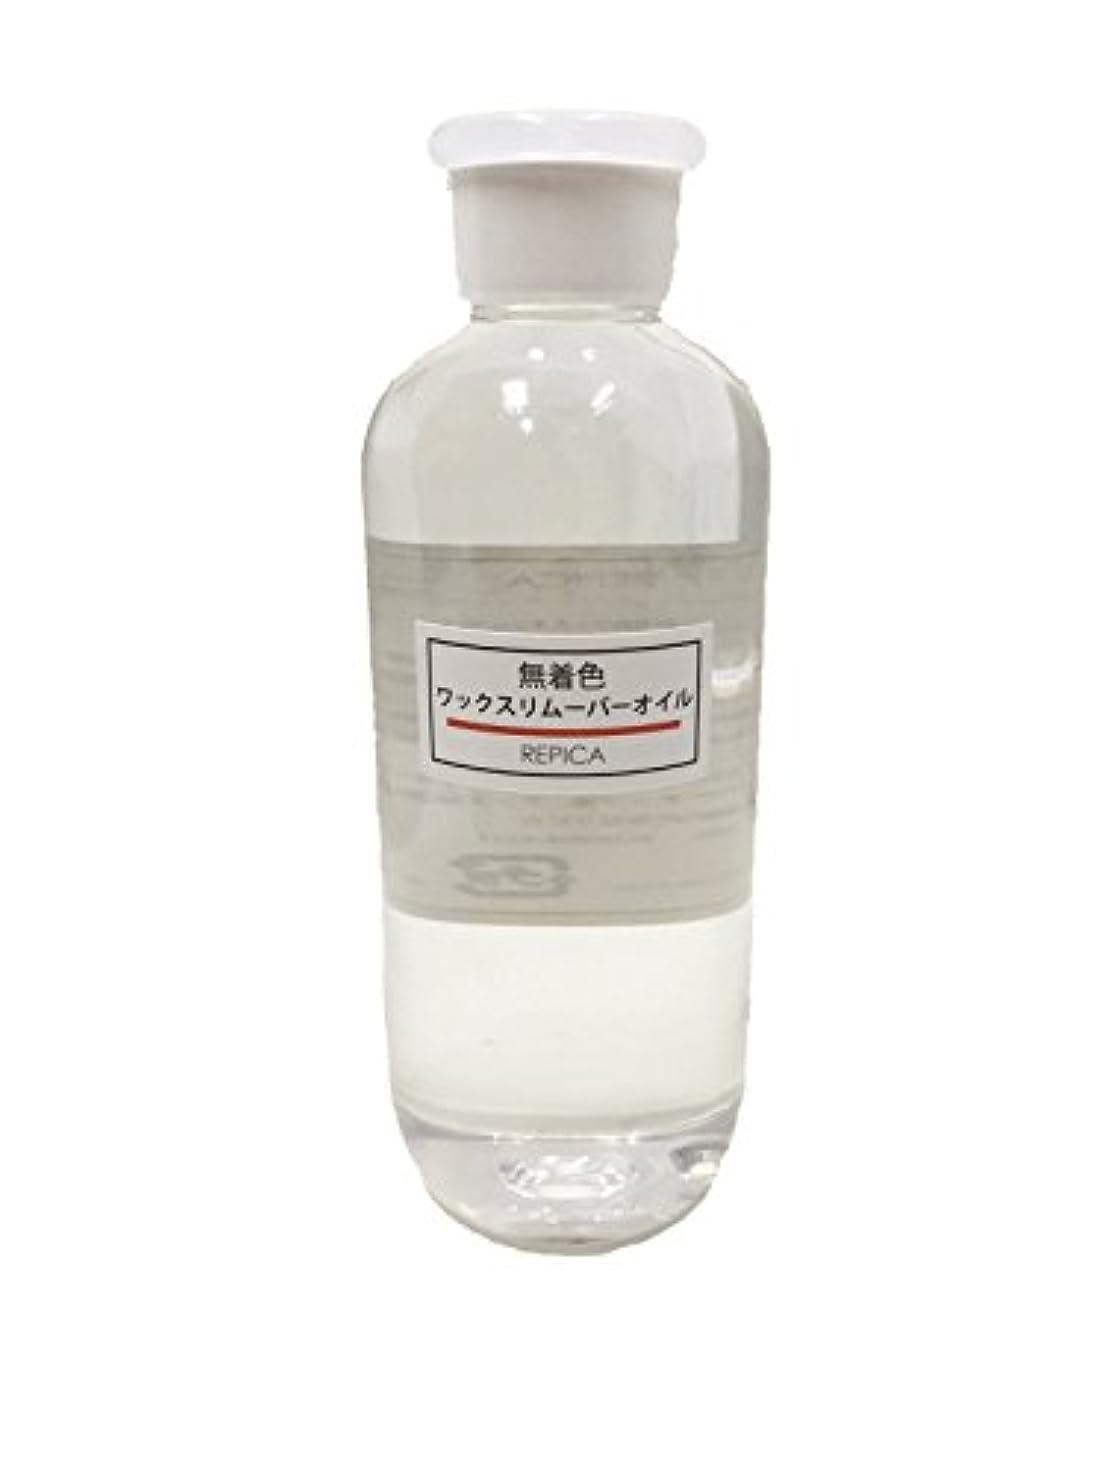 アンタゴニスト気まぐれなピストン無着色ワックスリムーバーオイル 250ml(300-4) (ワックス脱毛 ブラジリアンワックス) 業務用 自宅用 ワックスオイル